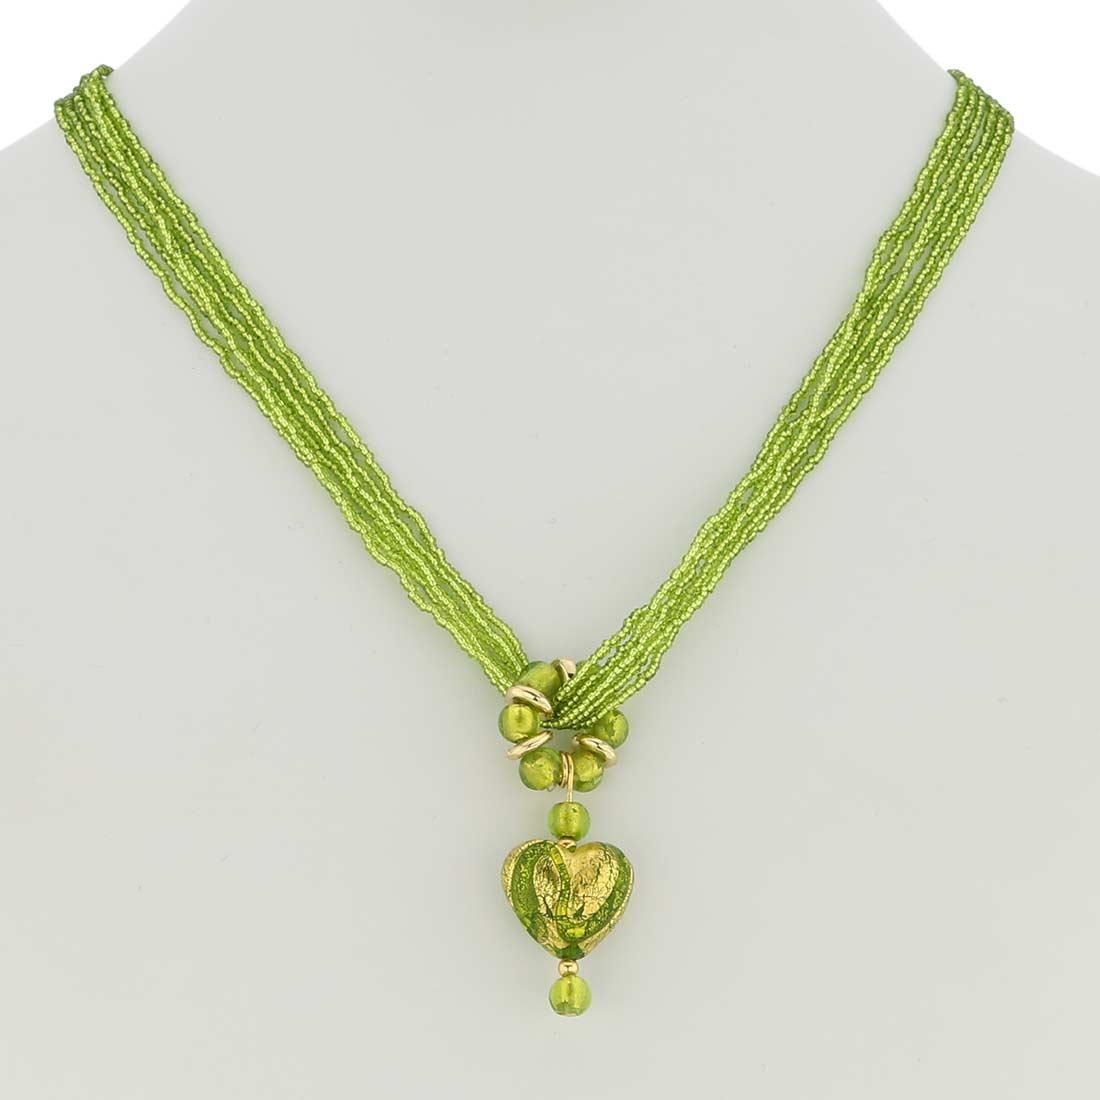 ベネチアングラス(ムラノガラス)ライムグリーン ハート型ネックレス